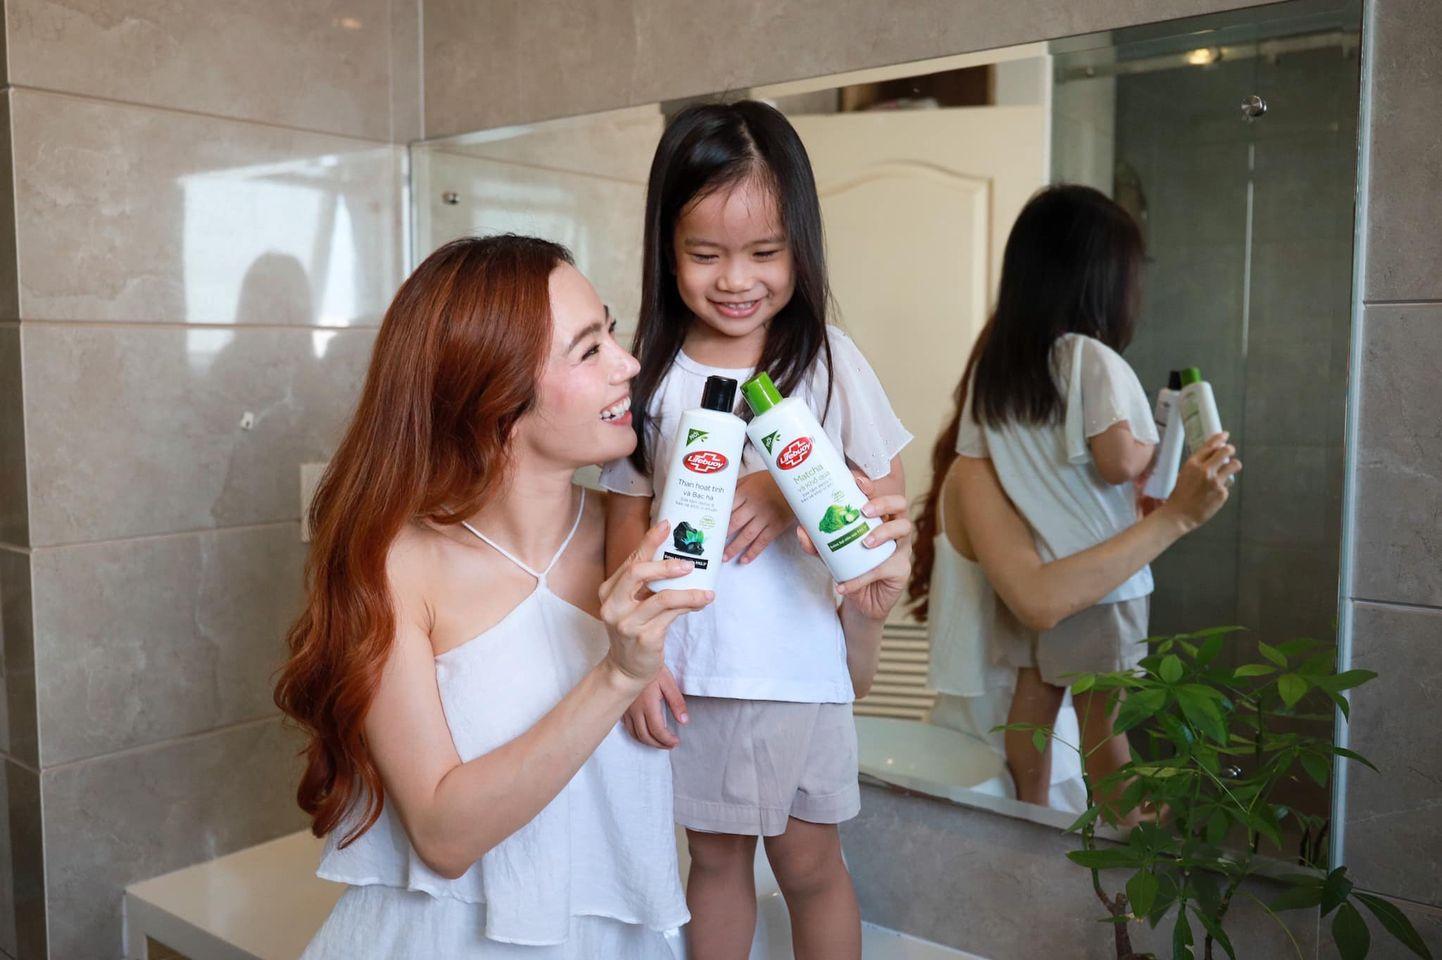 Tết nhà bao việc, chị em tham khảo ngay tips chăm da đơn giản cho cả gia đình của hội hot mom - Ảnh 4.